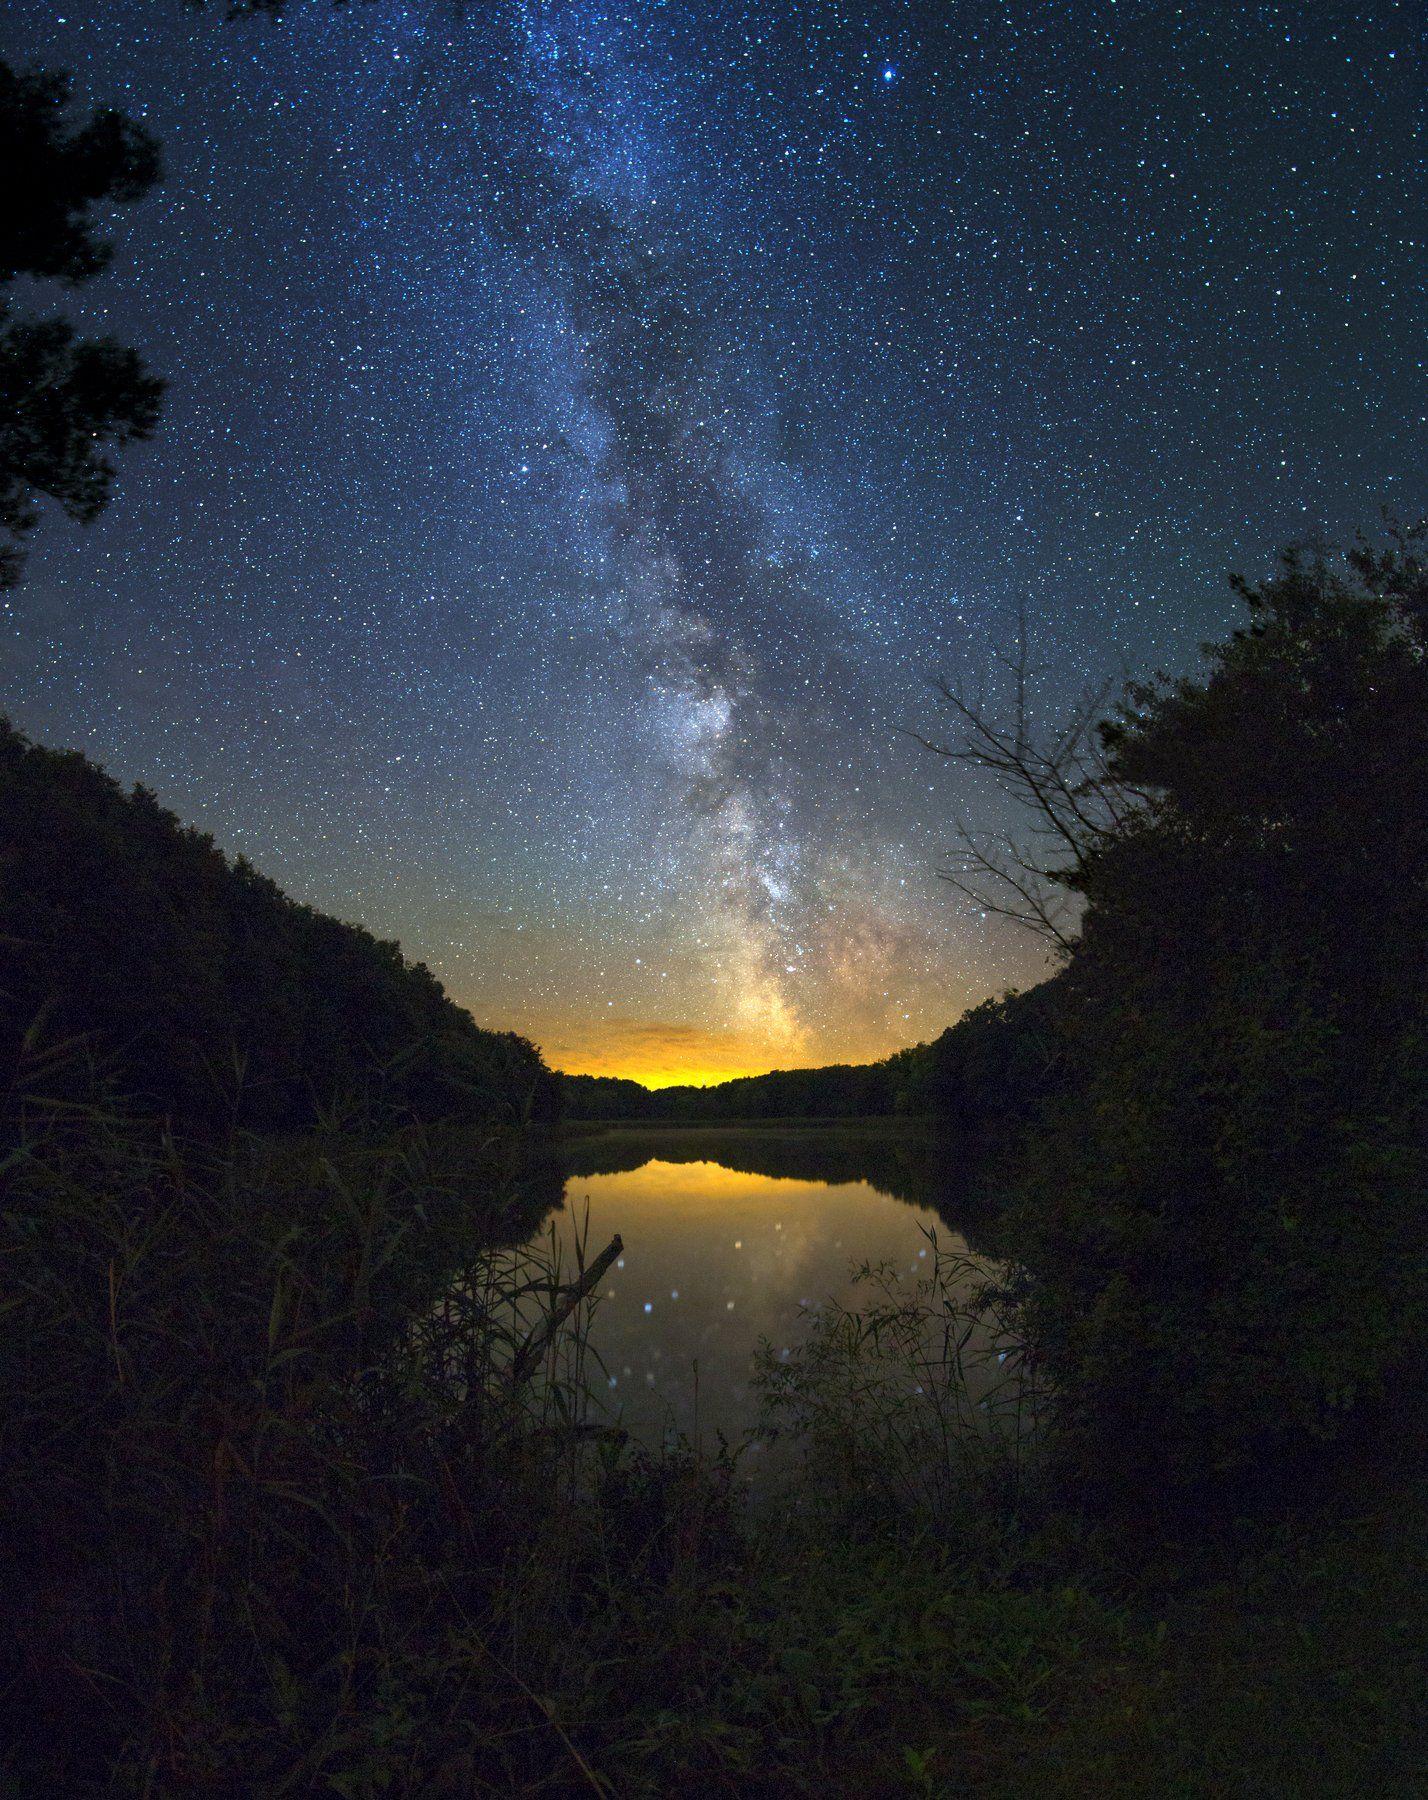 Ночь, небо, Млечный путь, звезды, отражение, озеро, берег, Валентин Гайдай